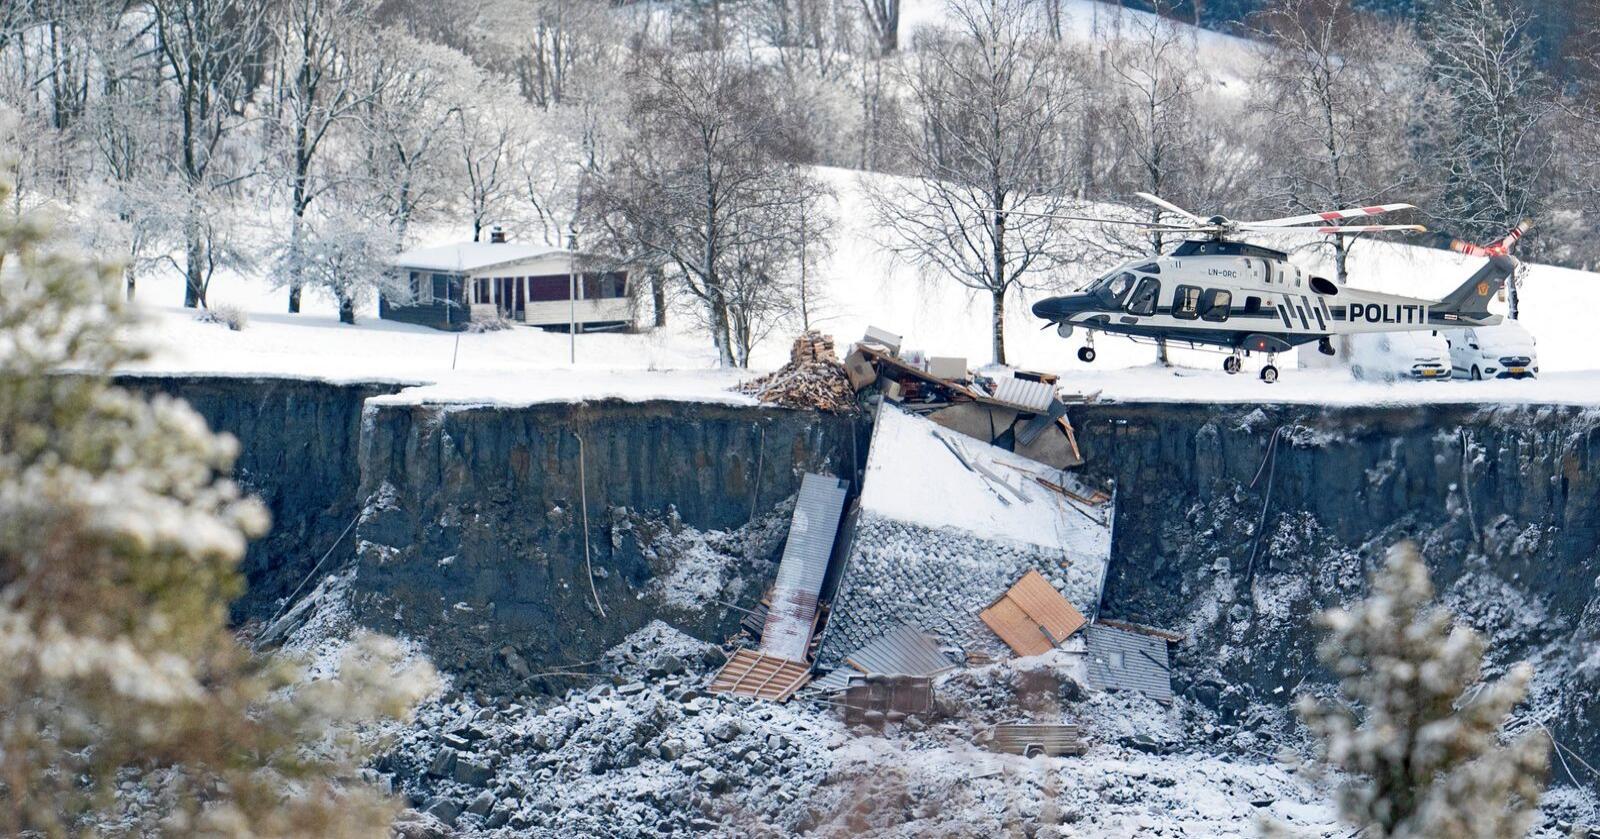 Kvikkleireskredet i Gjerdrum har preget Norge de siste døgnene. Foto: Fredrik Hagen / NTB